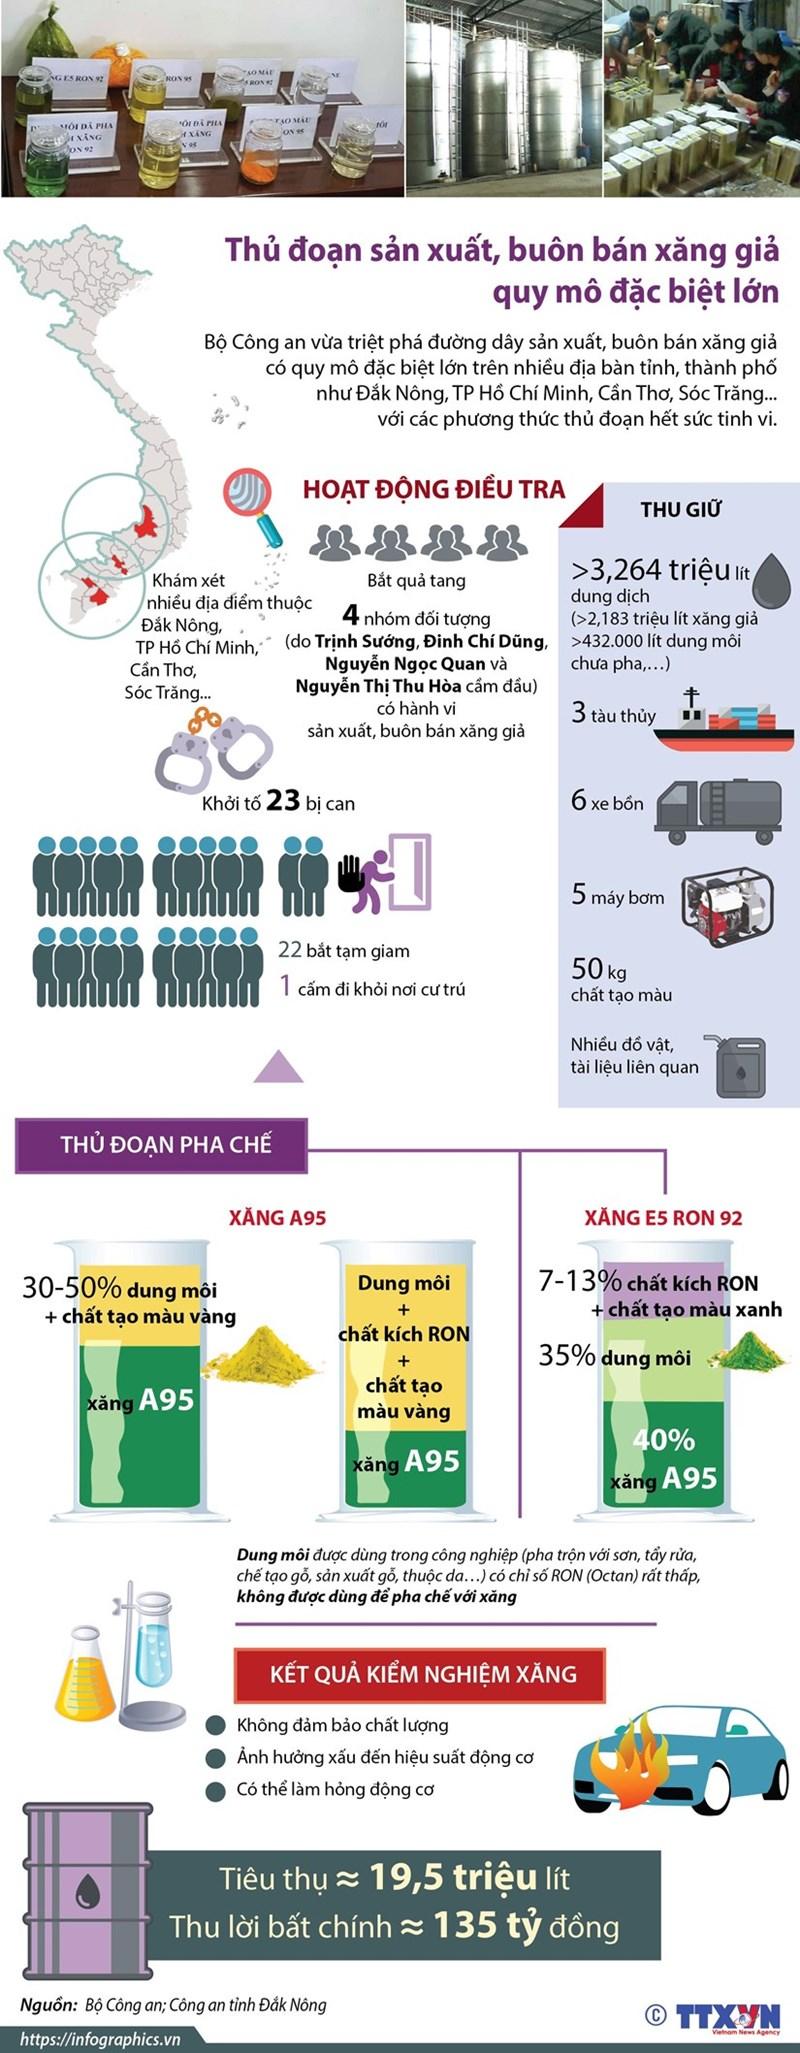 [Infographics] Thủ đoạn sản xuất, buôn bán xăng giả quy mô rất lớn - Ảnh 1